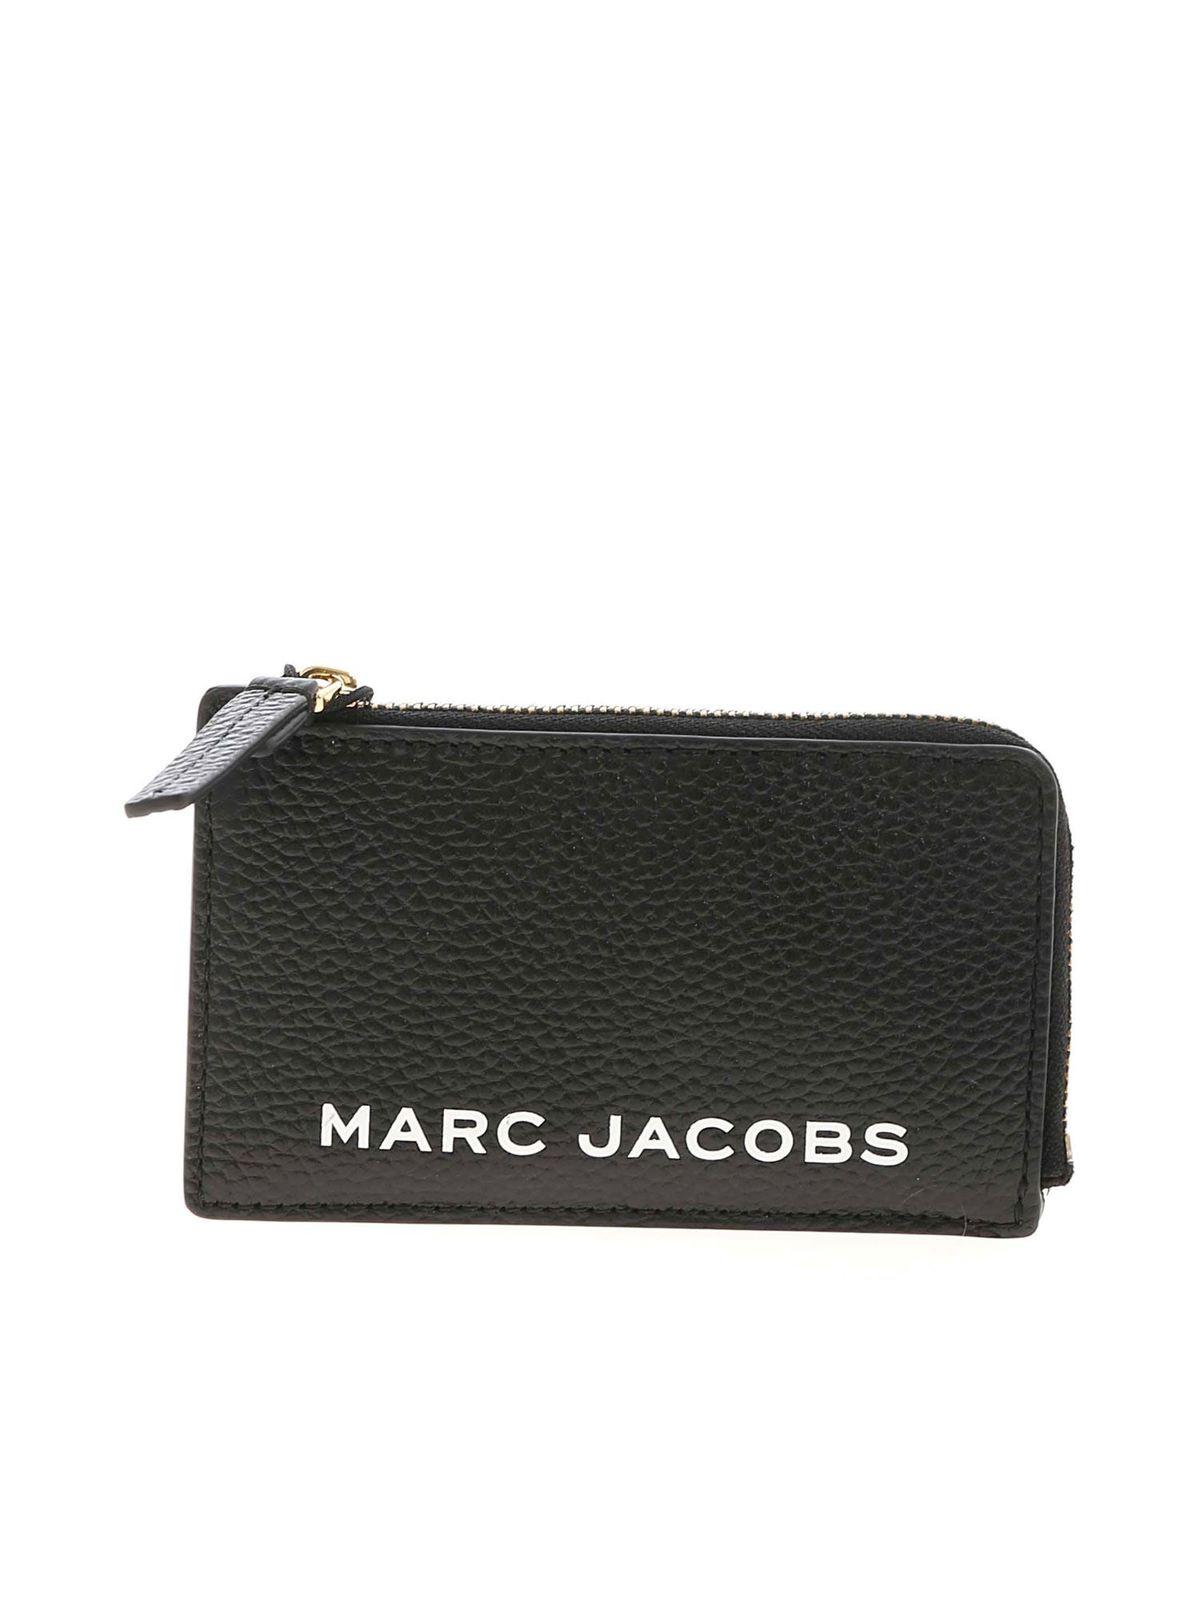 Marc Jacobs RUBBERIZED LOGO WALLET IN BLACK